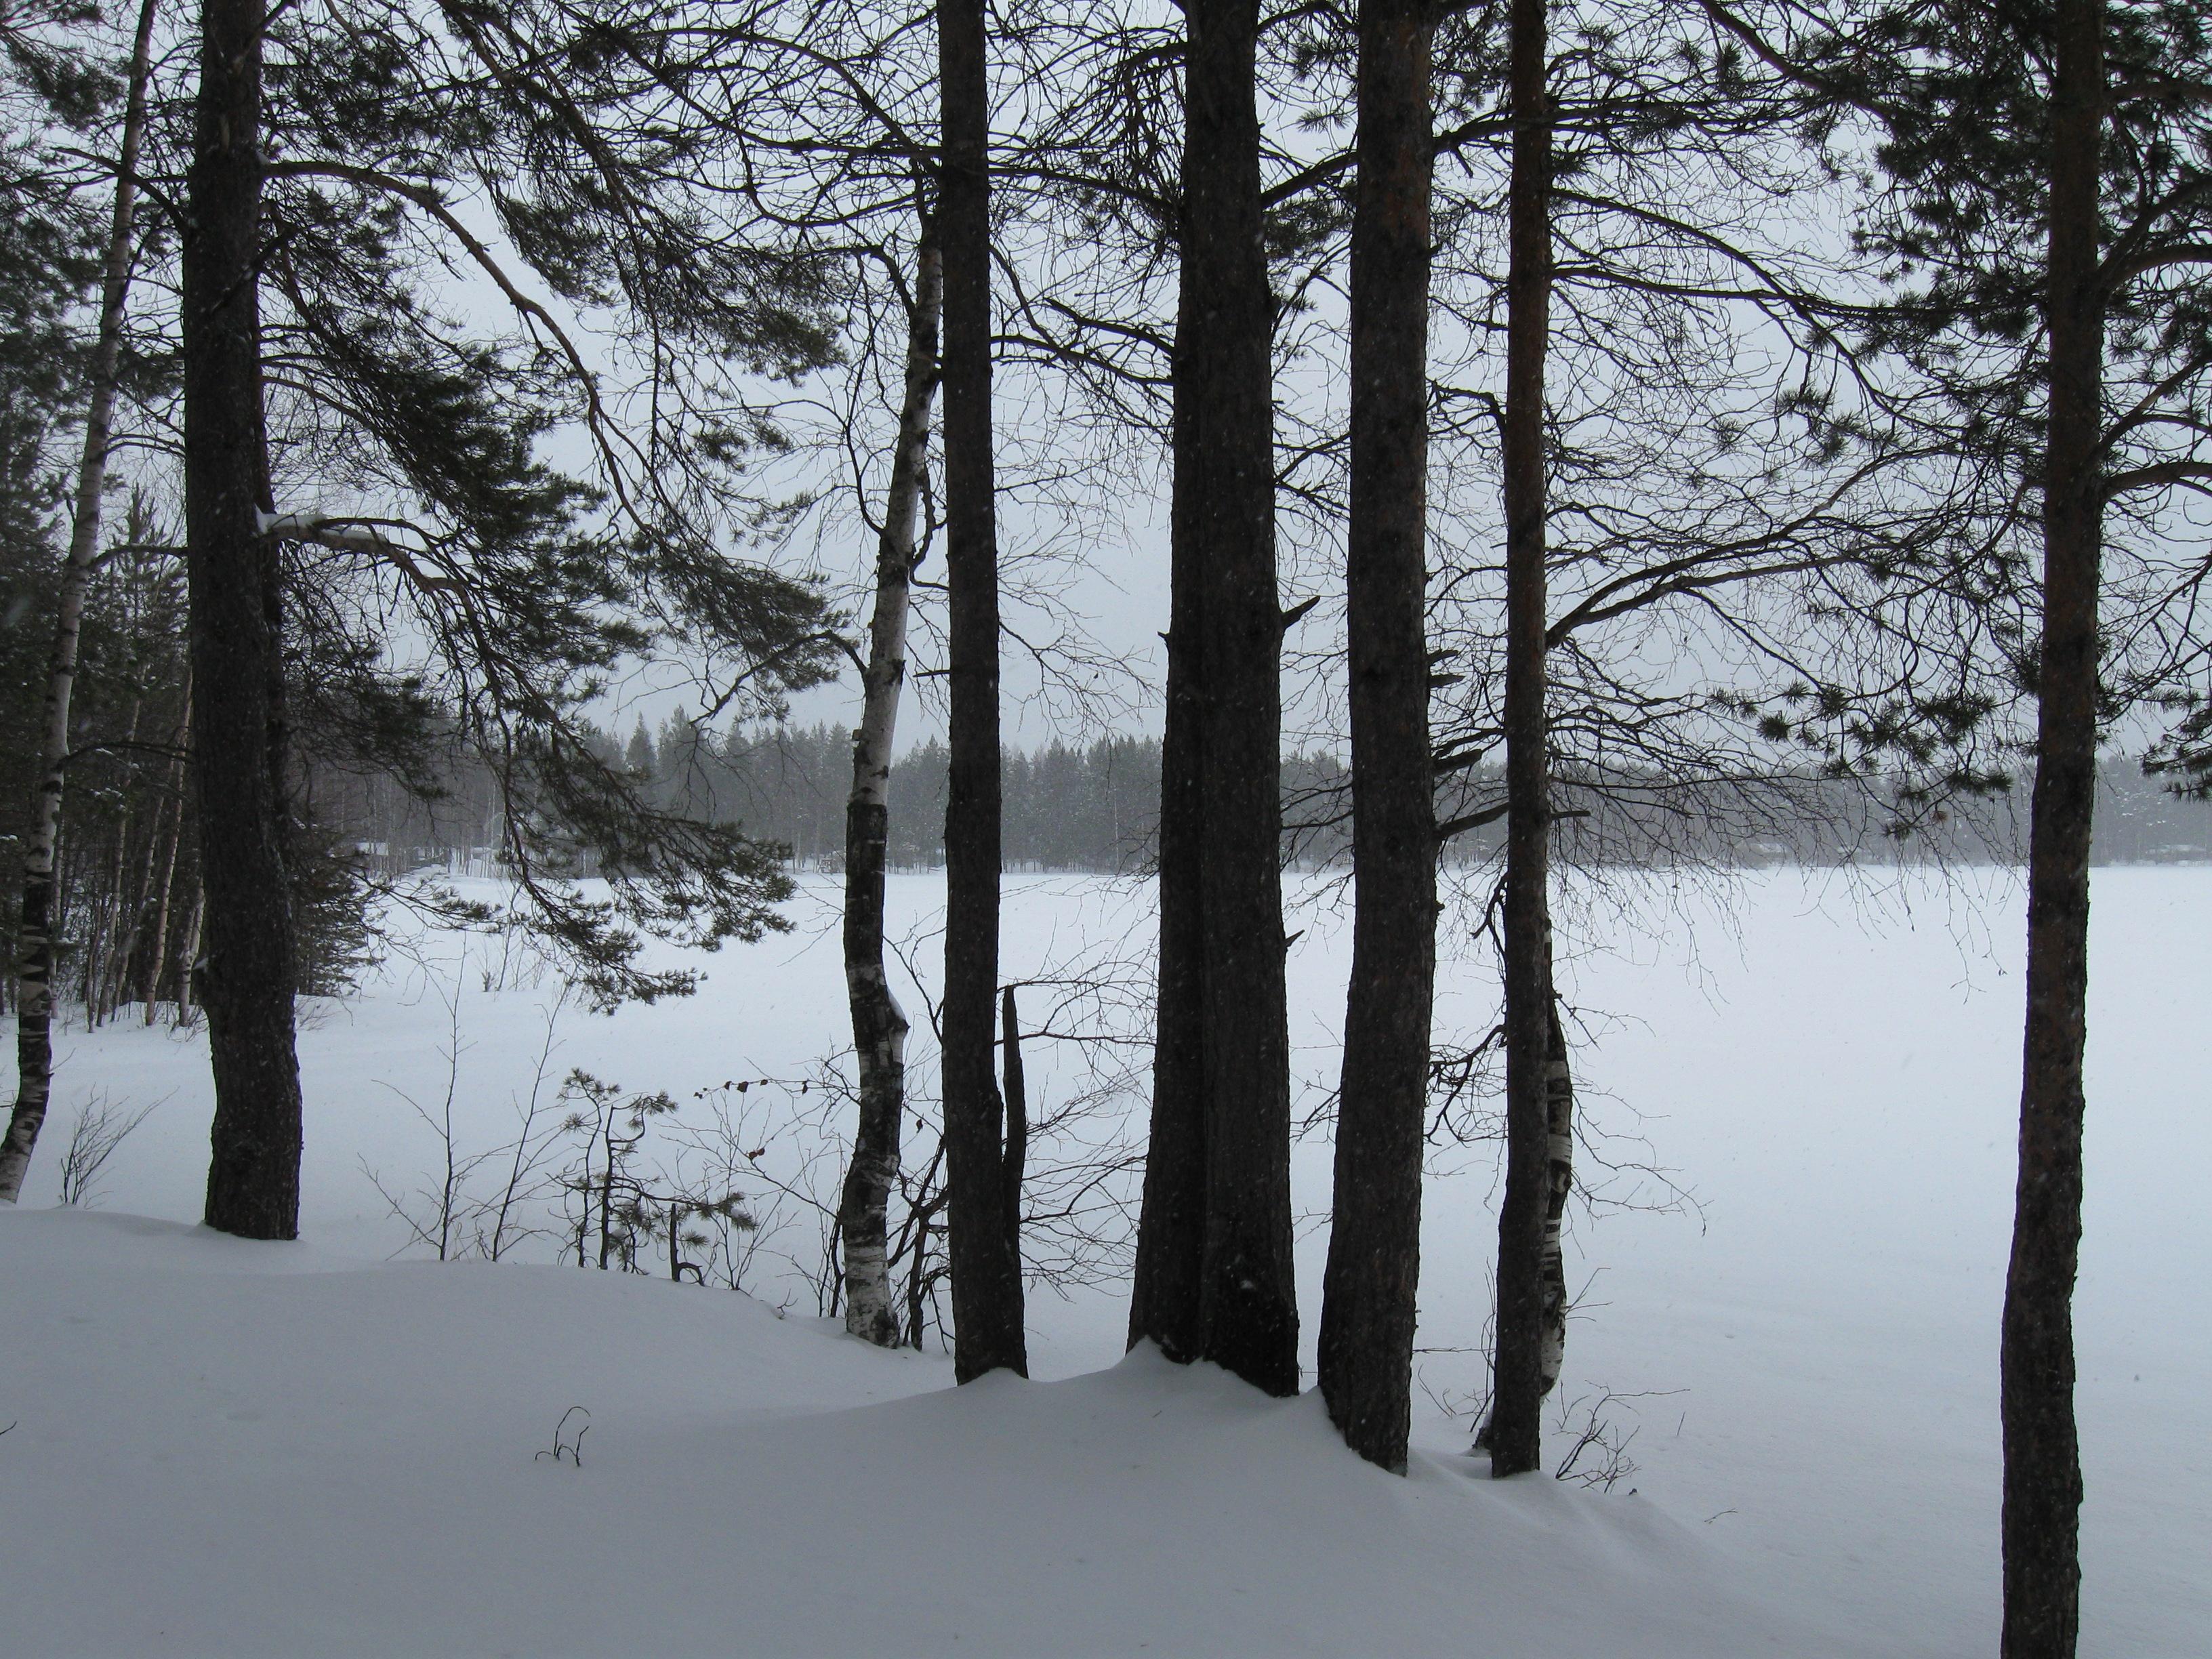 Valkiaisjarvi Oulu Wikipedia